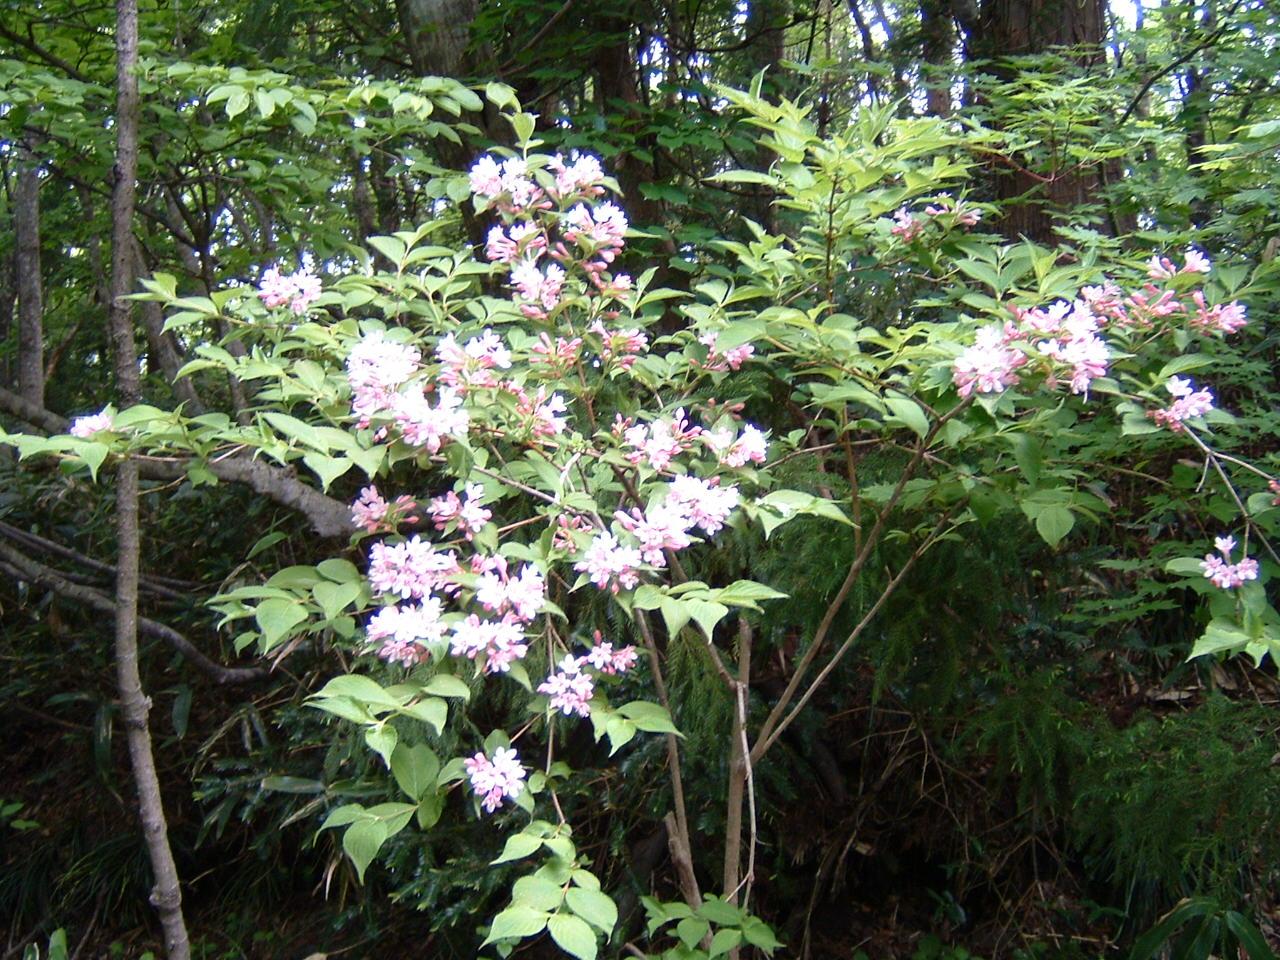 鳥取県大山寺周辺の植物   by (岡田)_c0239329_1445826.jpg